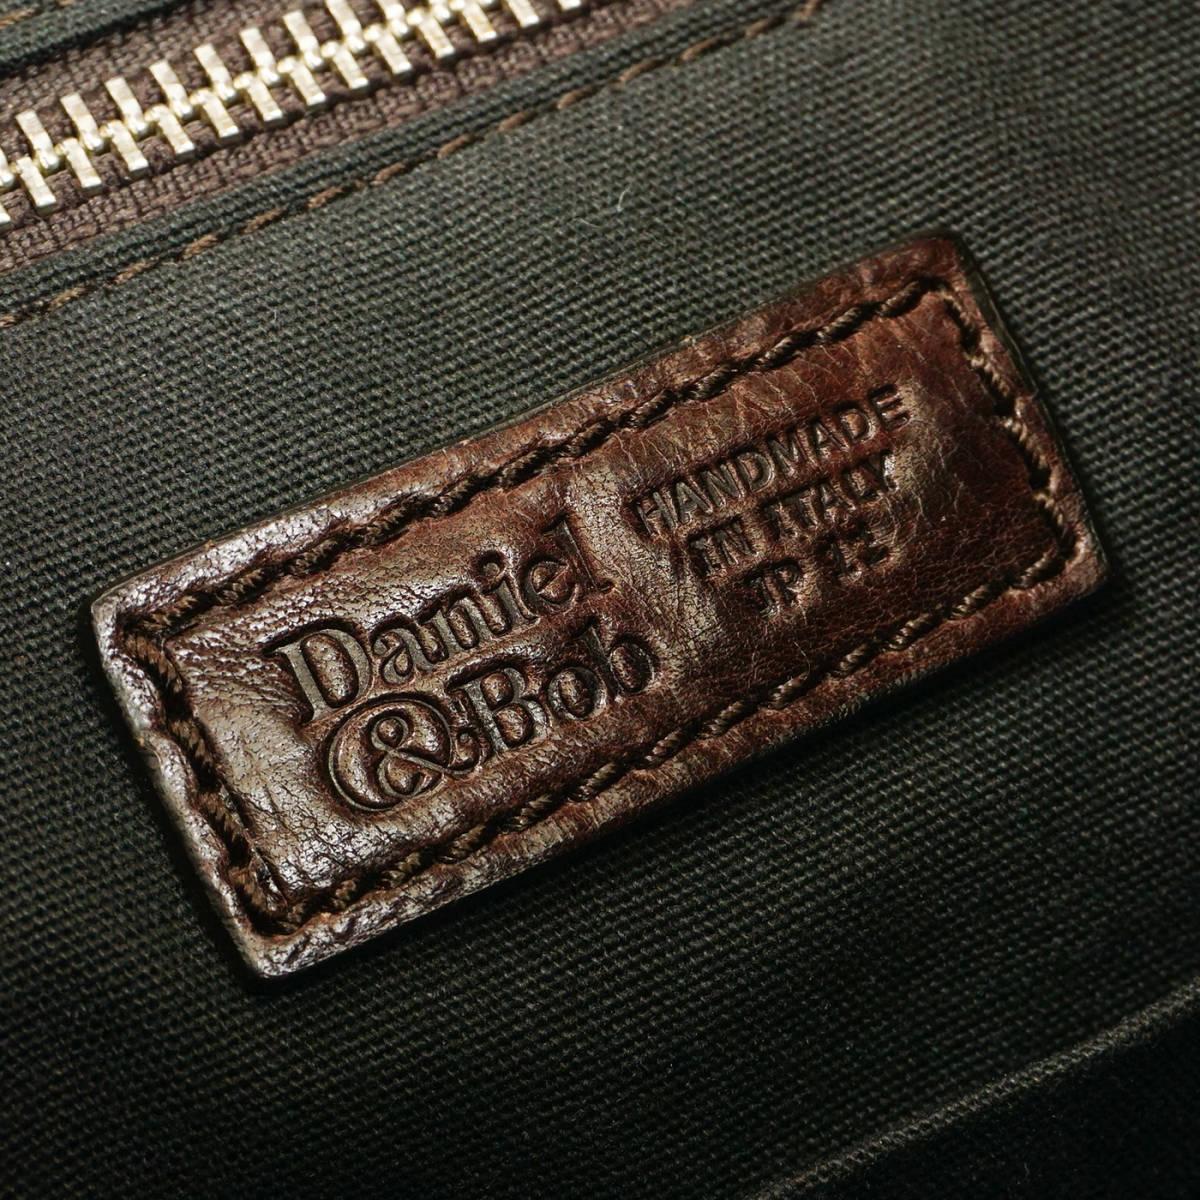 定価9万 美品 Daniel&Bob ORFEO 3way RODI ショルダーバッグ ITALY製 茶 ブラウン オールレザー 牛革 ダニエル&ボブ 管理127_画像10